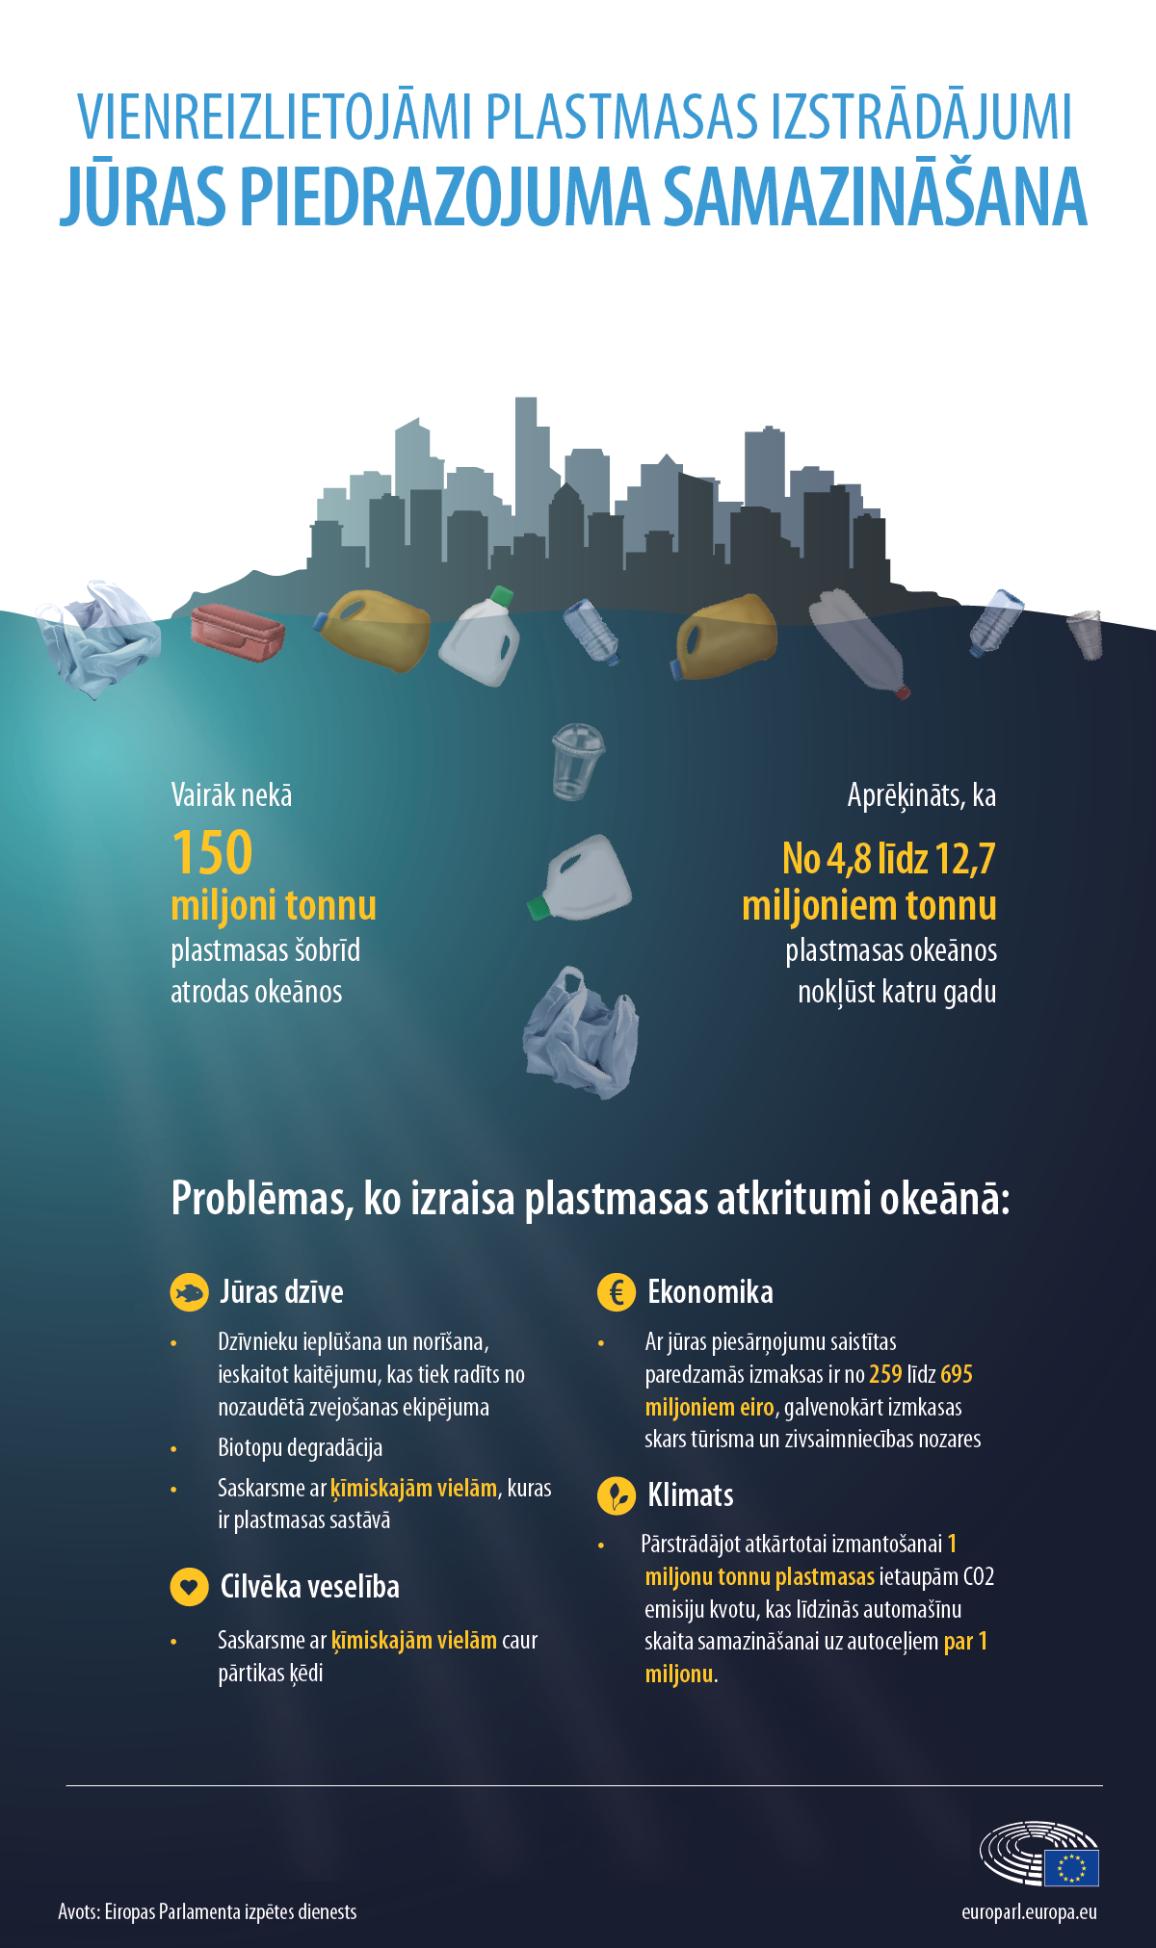 Svarīgākie fakti un problēmas, ko izraisa piesārņojums okeānā, atspoguļoti infografikā 1.